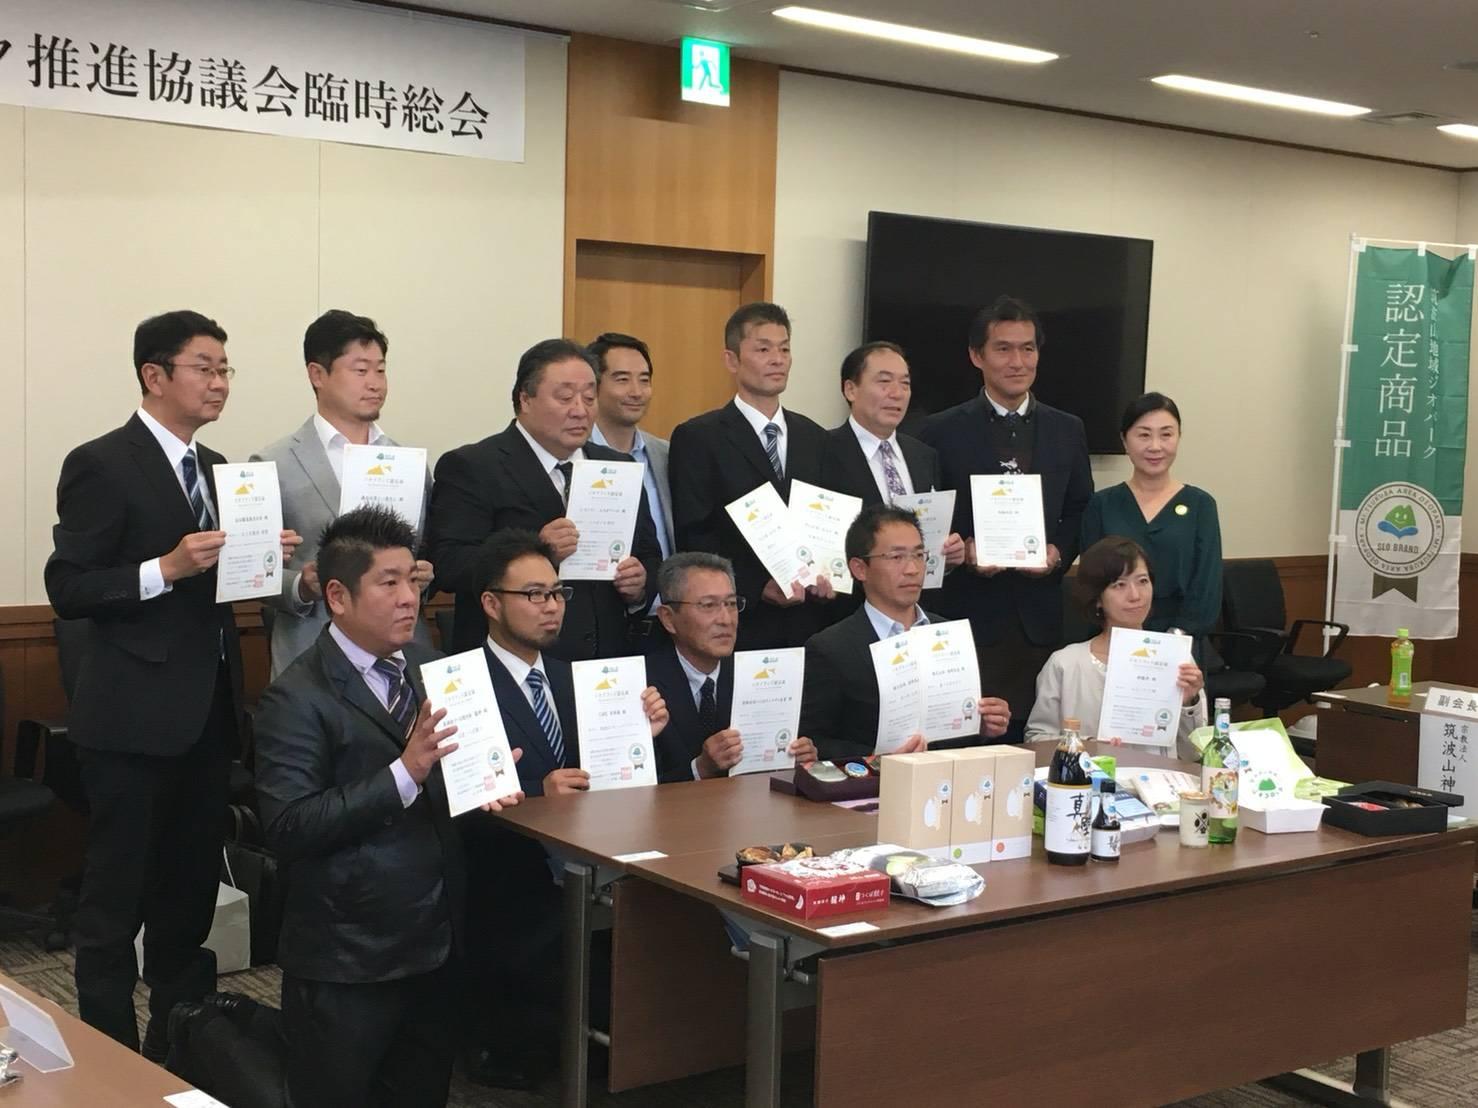 『9/27筑波山地域ジオブランド認定証受賞式』の画像